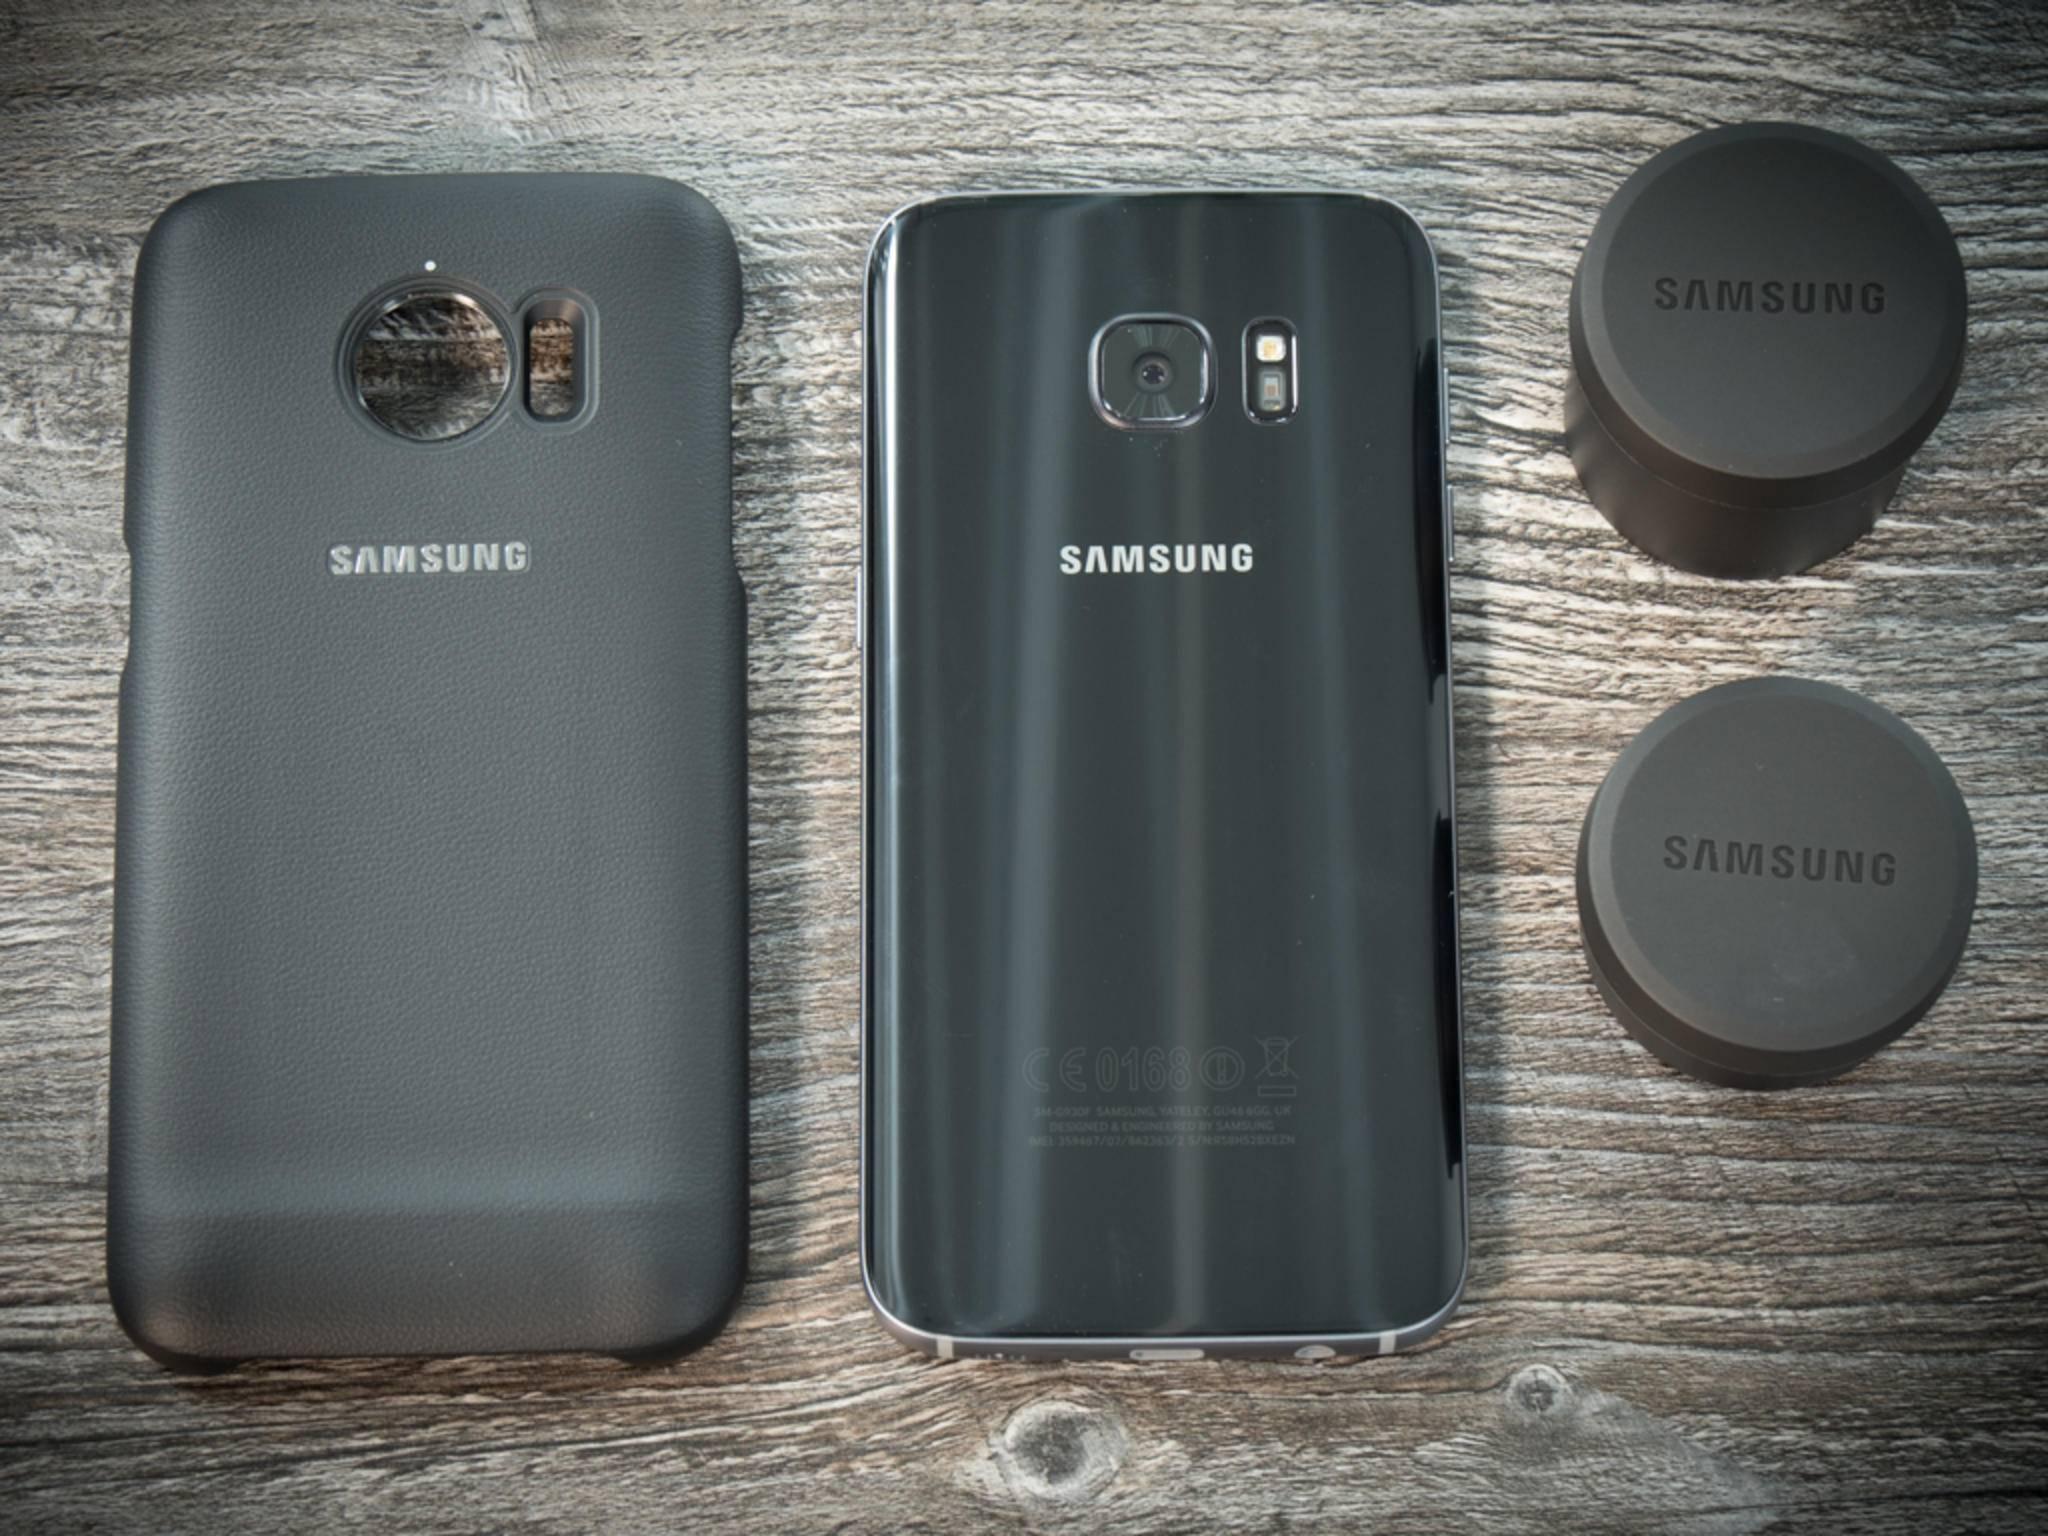 Für 149,90 gibt's bei Samsung das Cover plus zwei Linsen.